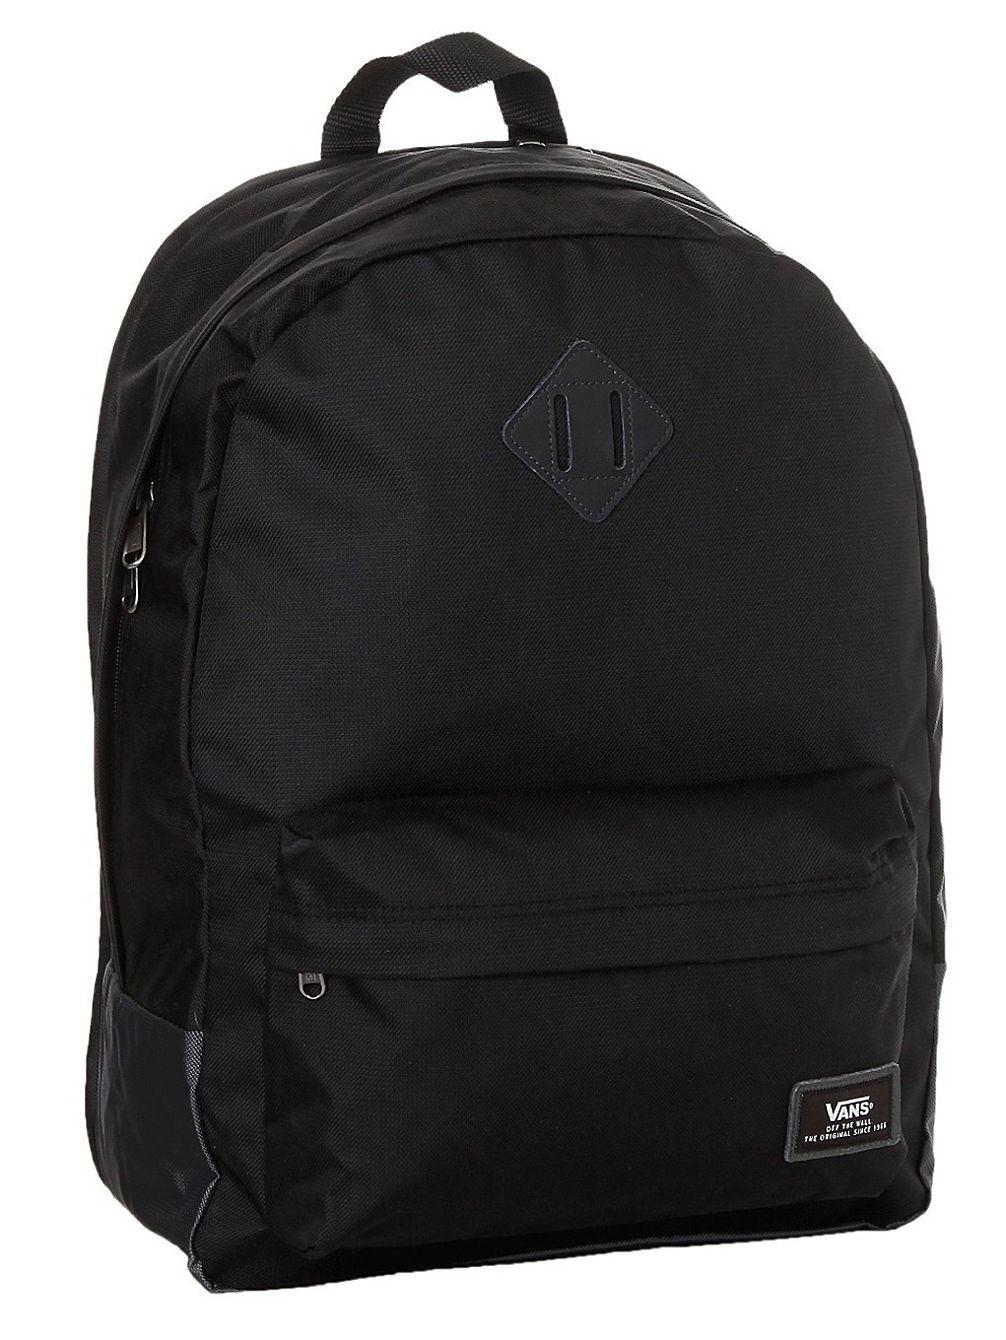 25c4a463ce Buy Vans Old Skool Plus Backpack online at blue-tomato.com